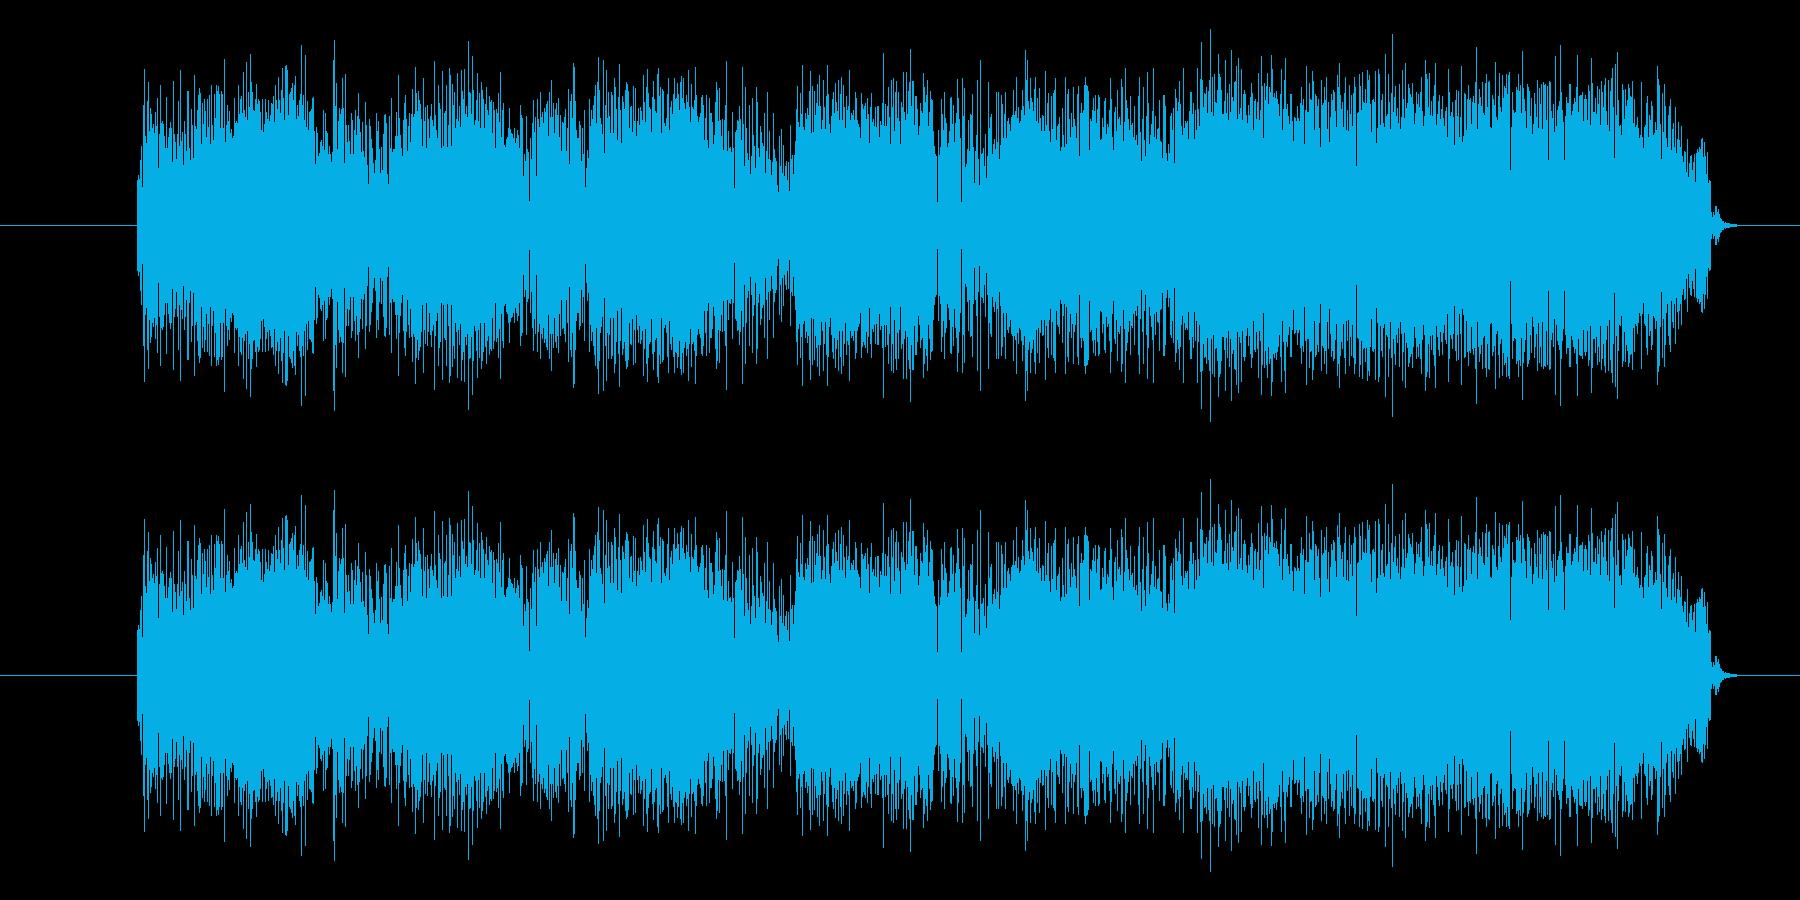 ロックなエレキギターのフレーズジングルの再生済みの波形